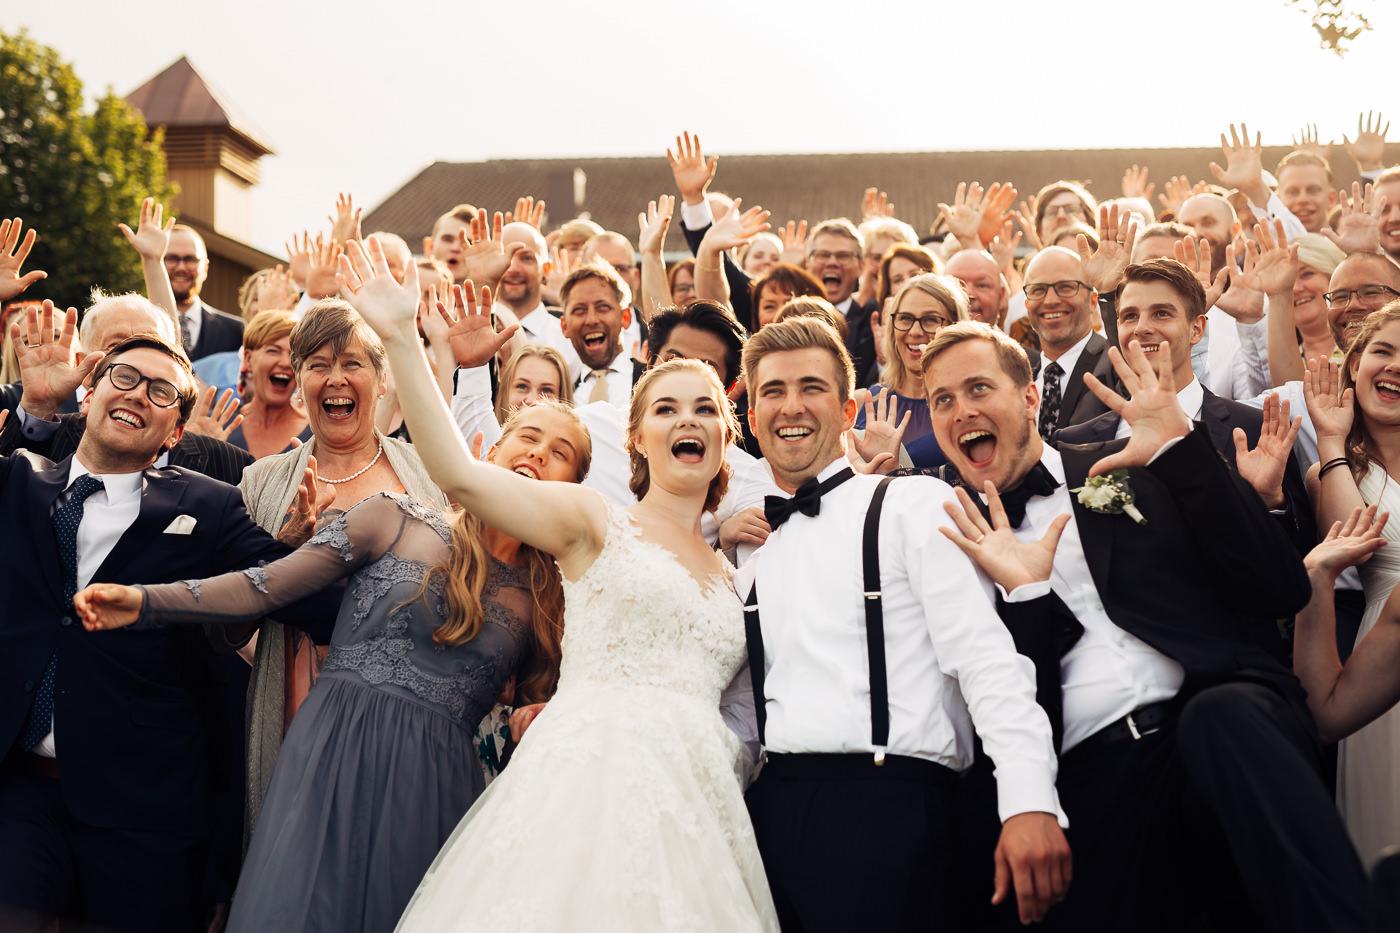 Marte & Mathias - heldagsfotografering i Horten med magisk avslutning Bryllup Dal Gjestegard Horten Vestfold 16